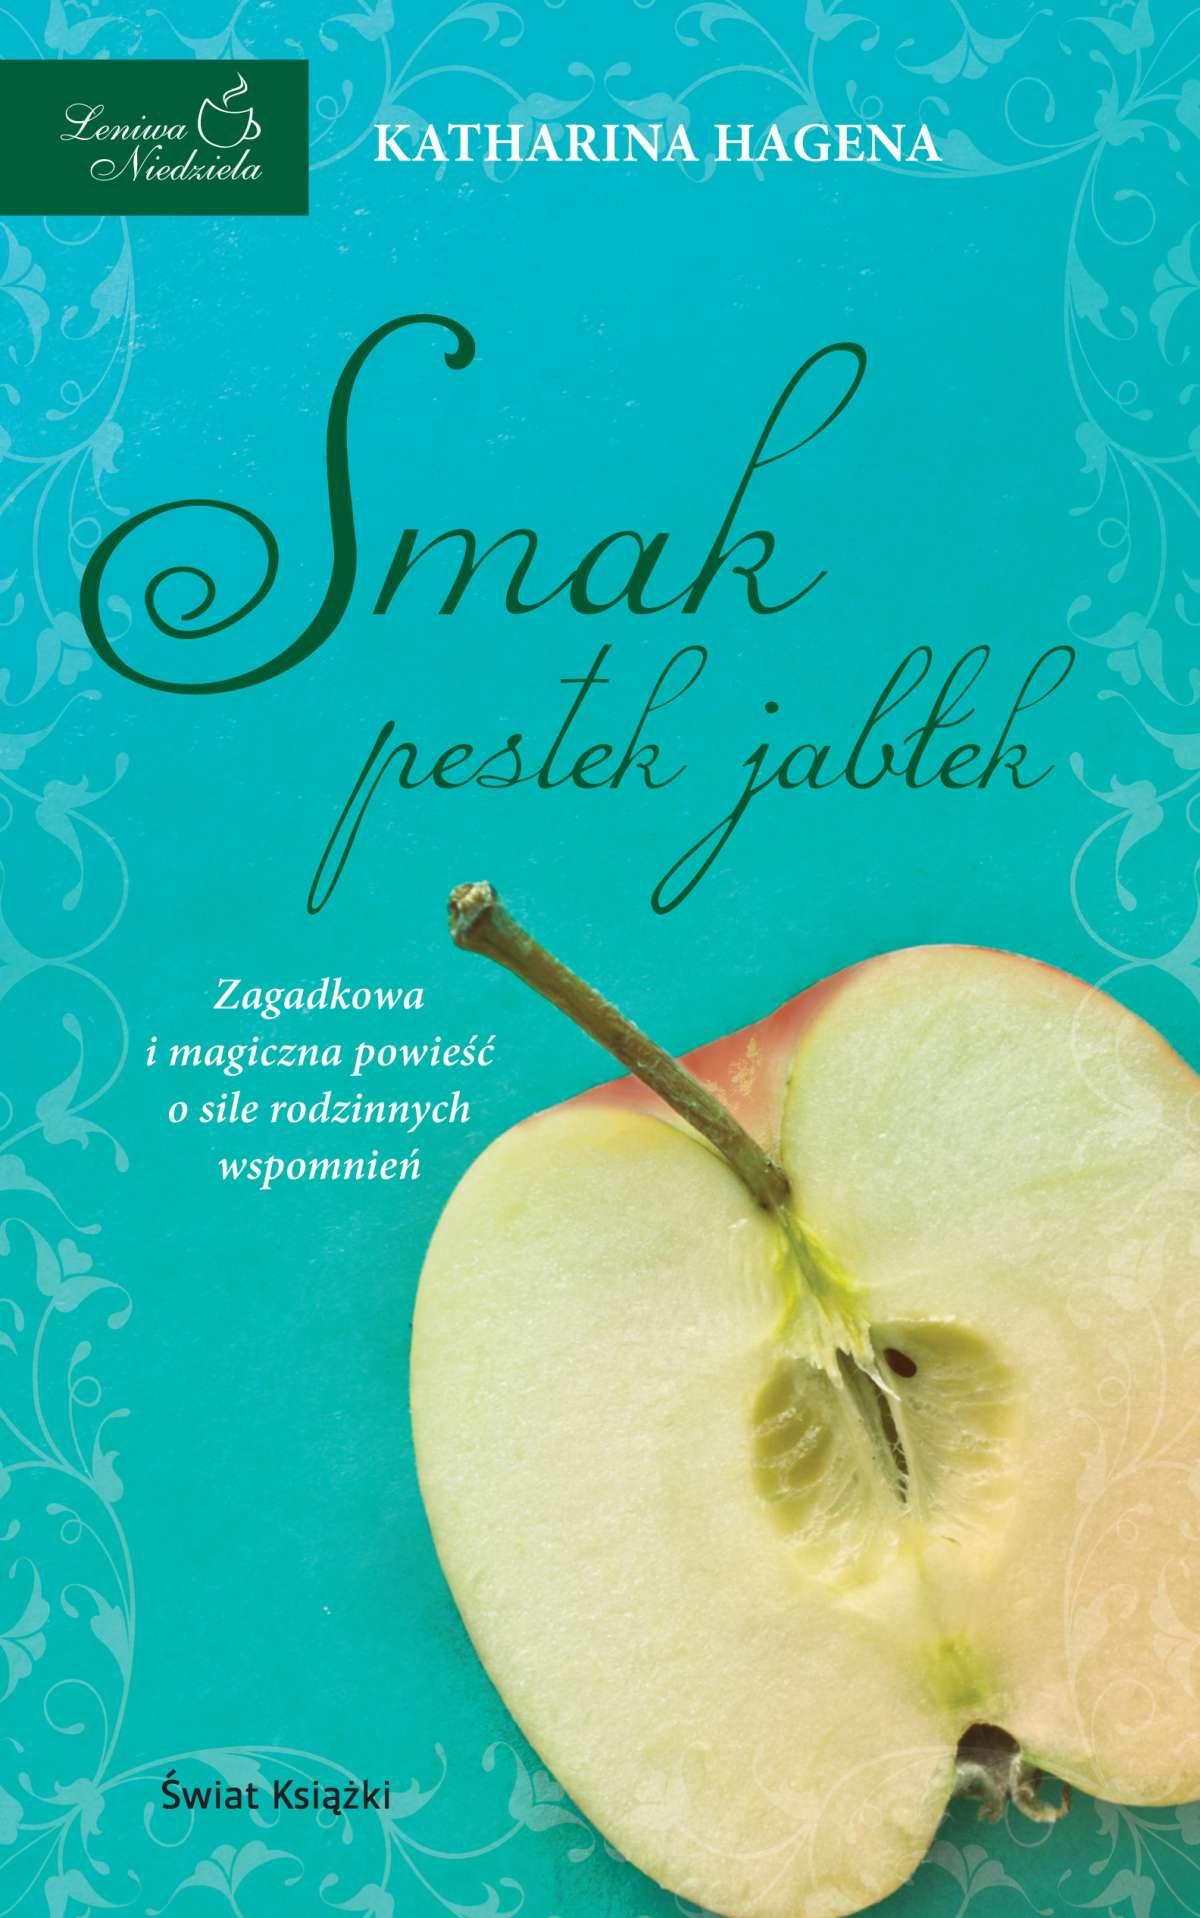 Smak pestek jabłek - Ebook (Książka EPUB) do pobrania w formacie EPUB